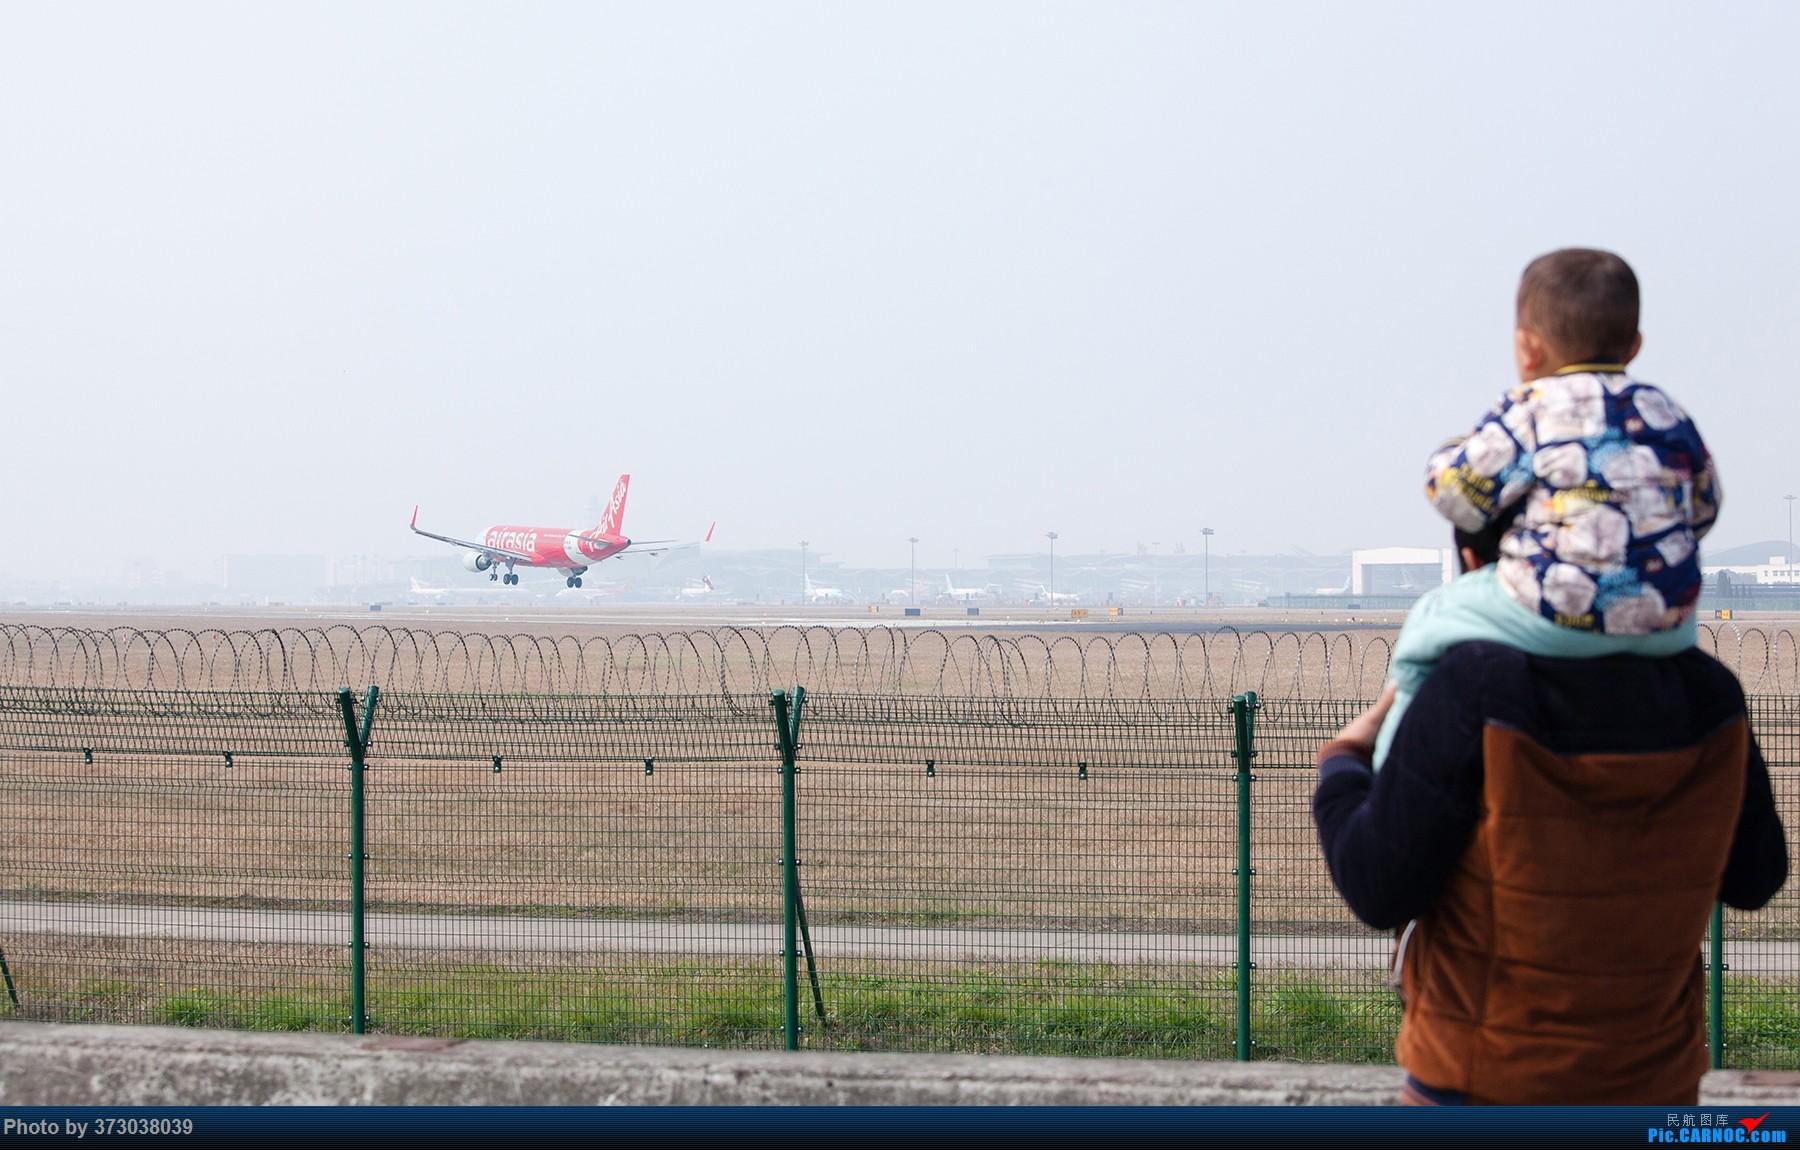 [原创]【杭州飞友会】A320Neo 迪士尼 杭州萧山机场 拍机班门弄斧记 AIRBUS A320-200 HS-BBR 中国杭州萧山国际机场